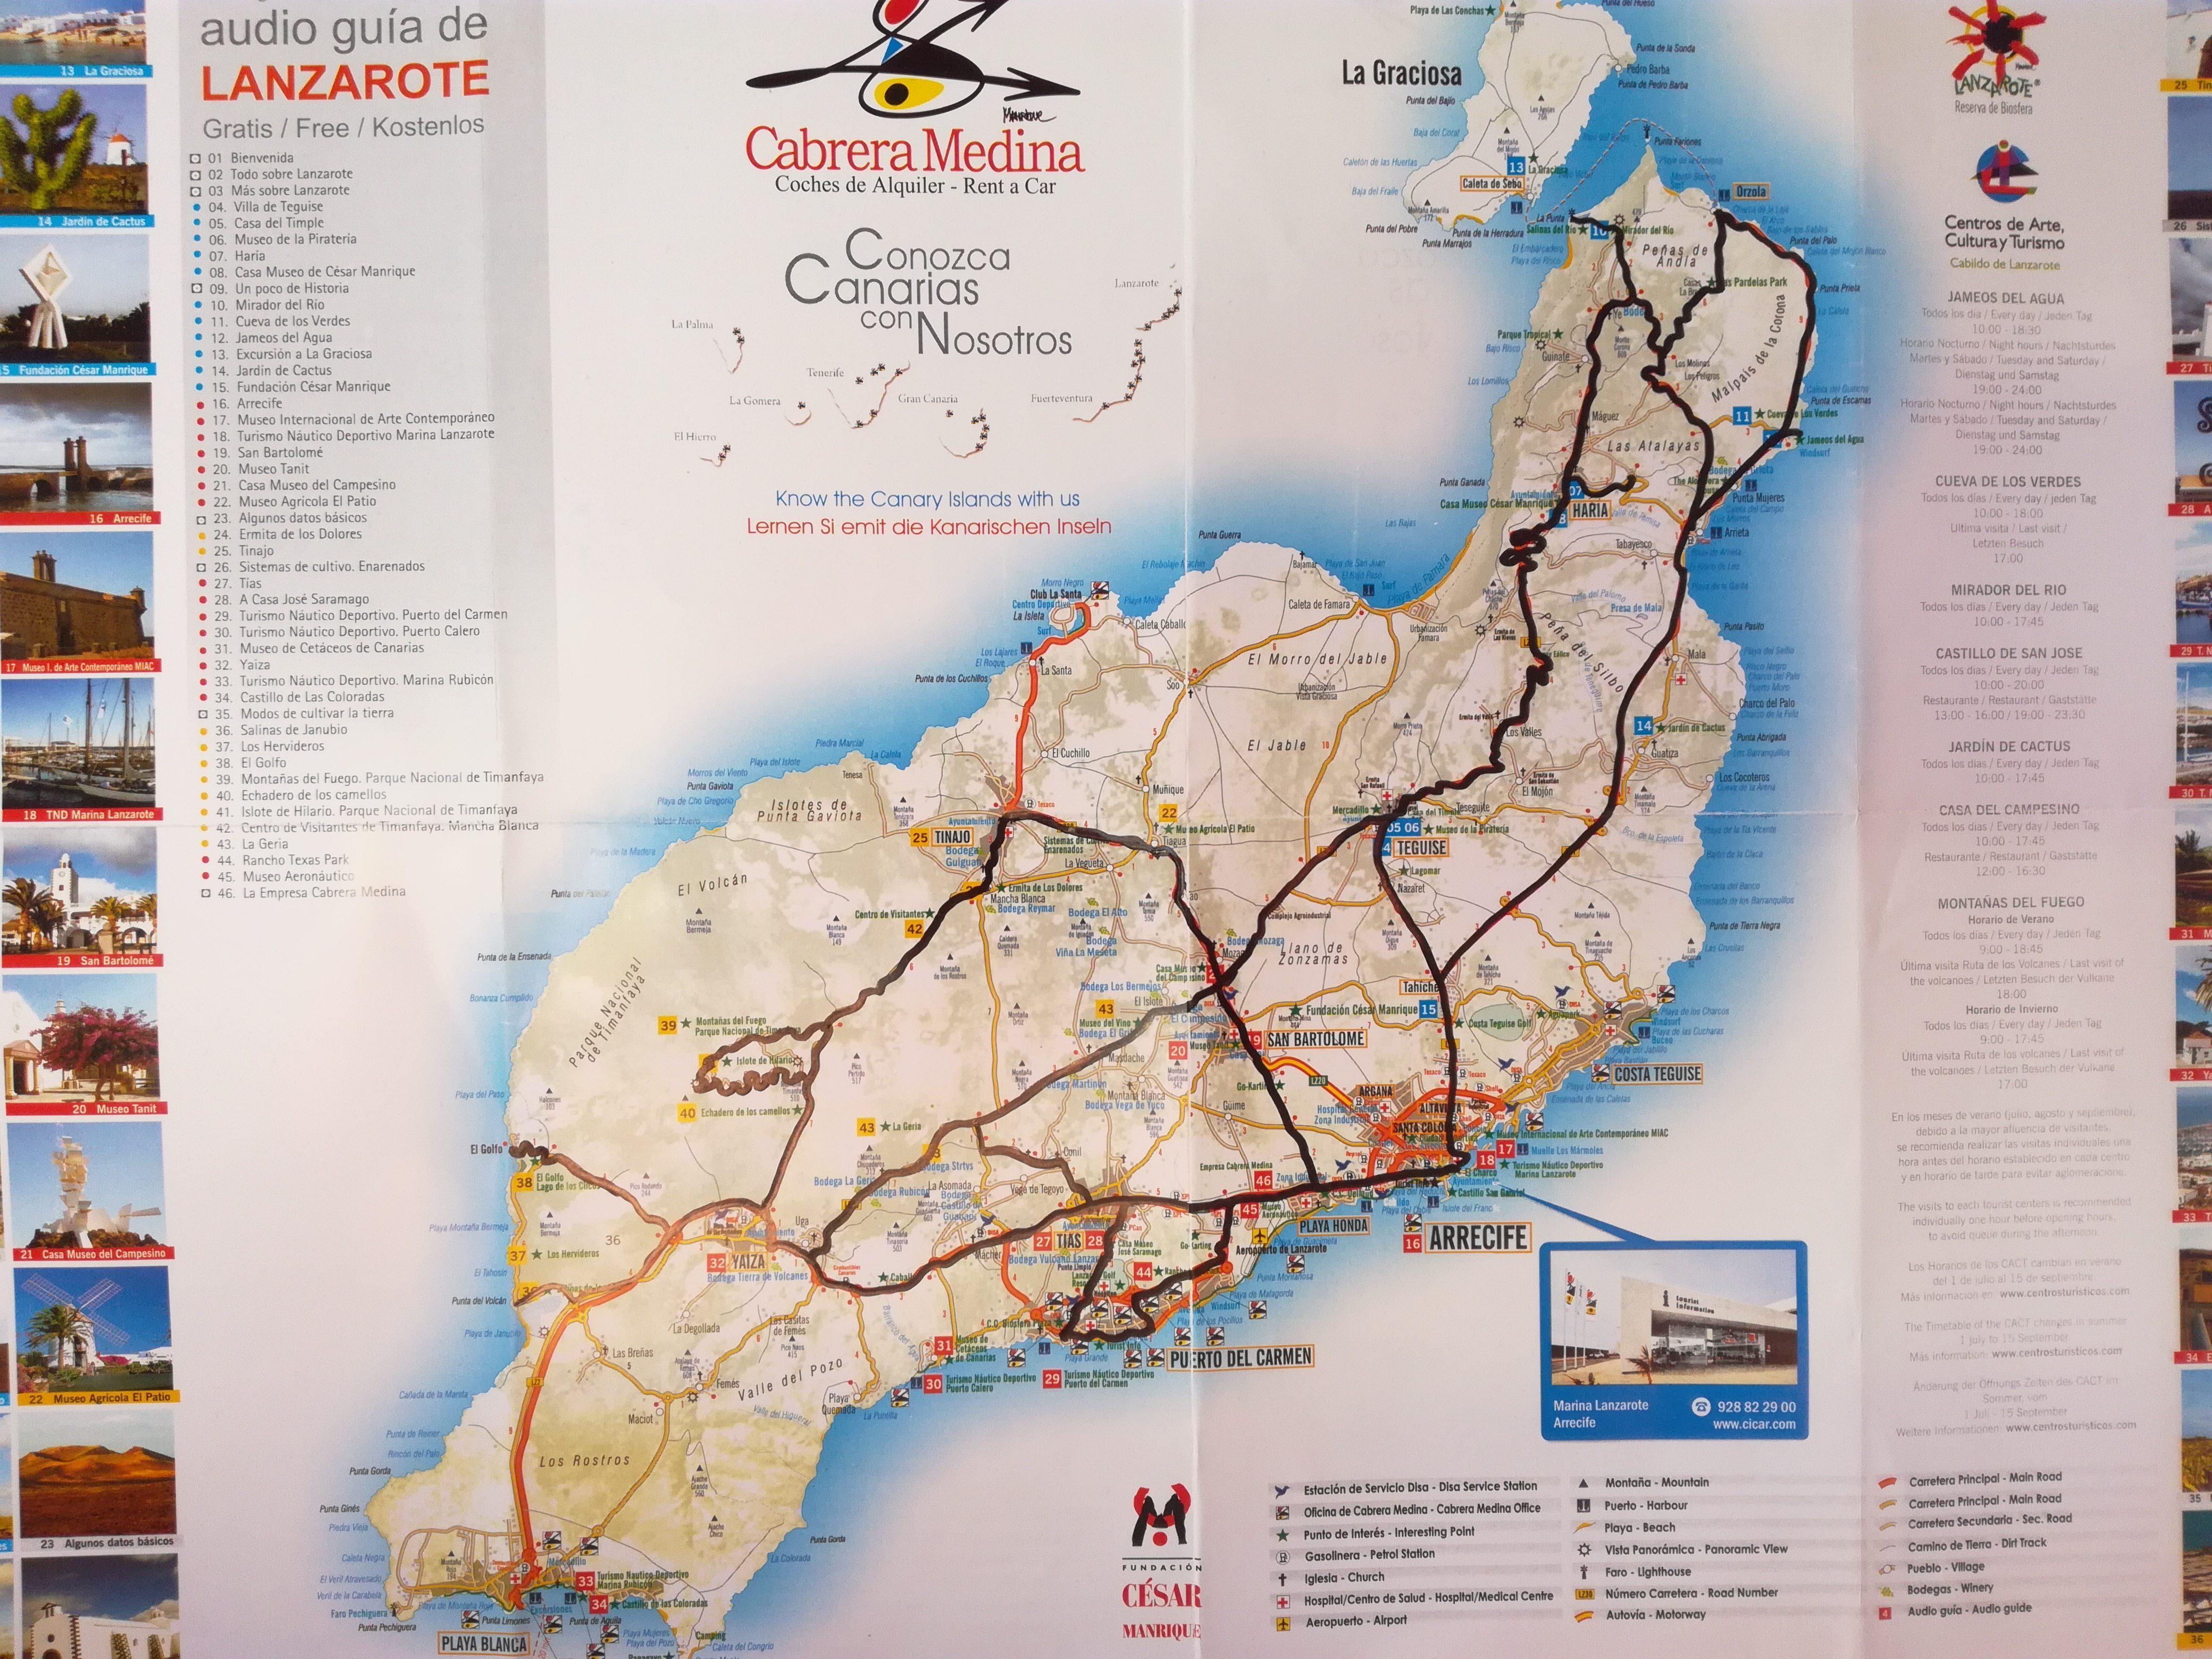 Køretur (2 dage) på Lanzarote